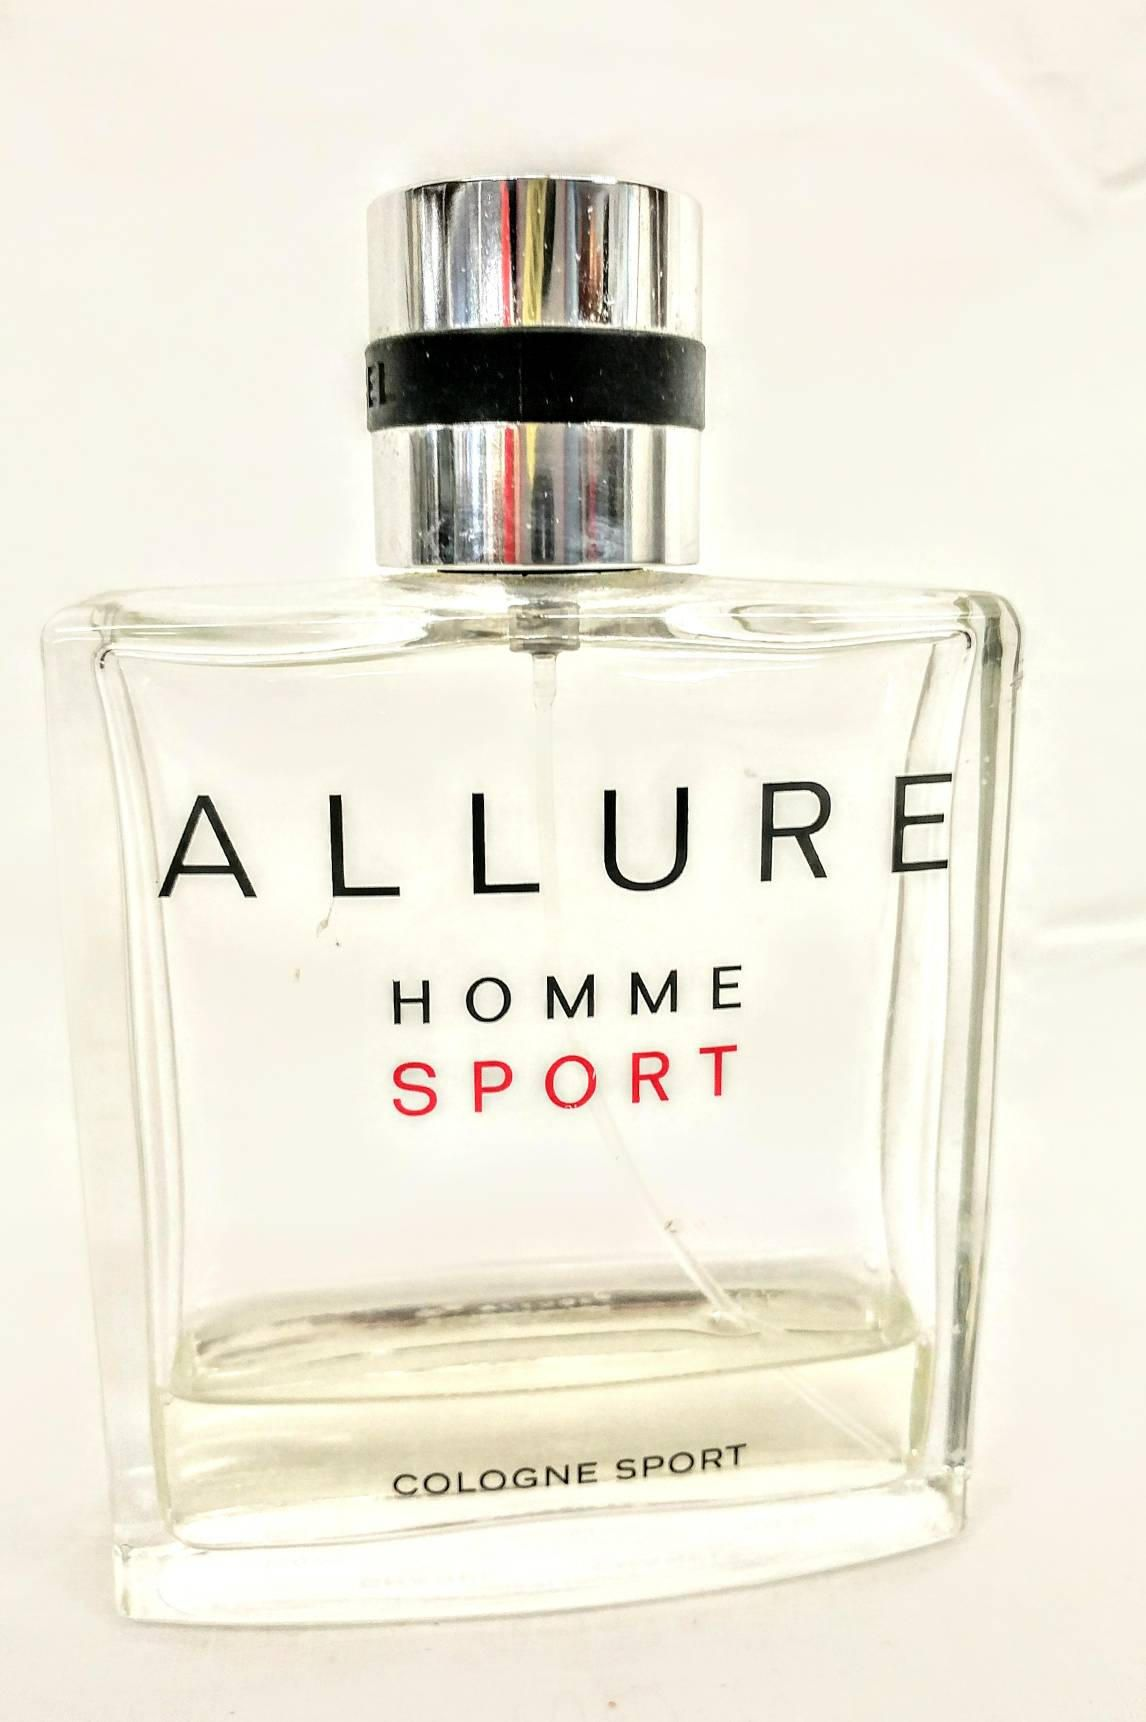 Allure Homme Sport Cologne Channel France Men 5 fl oz